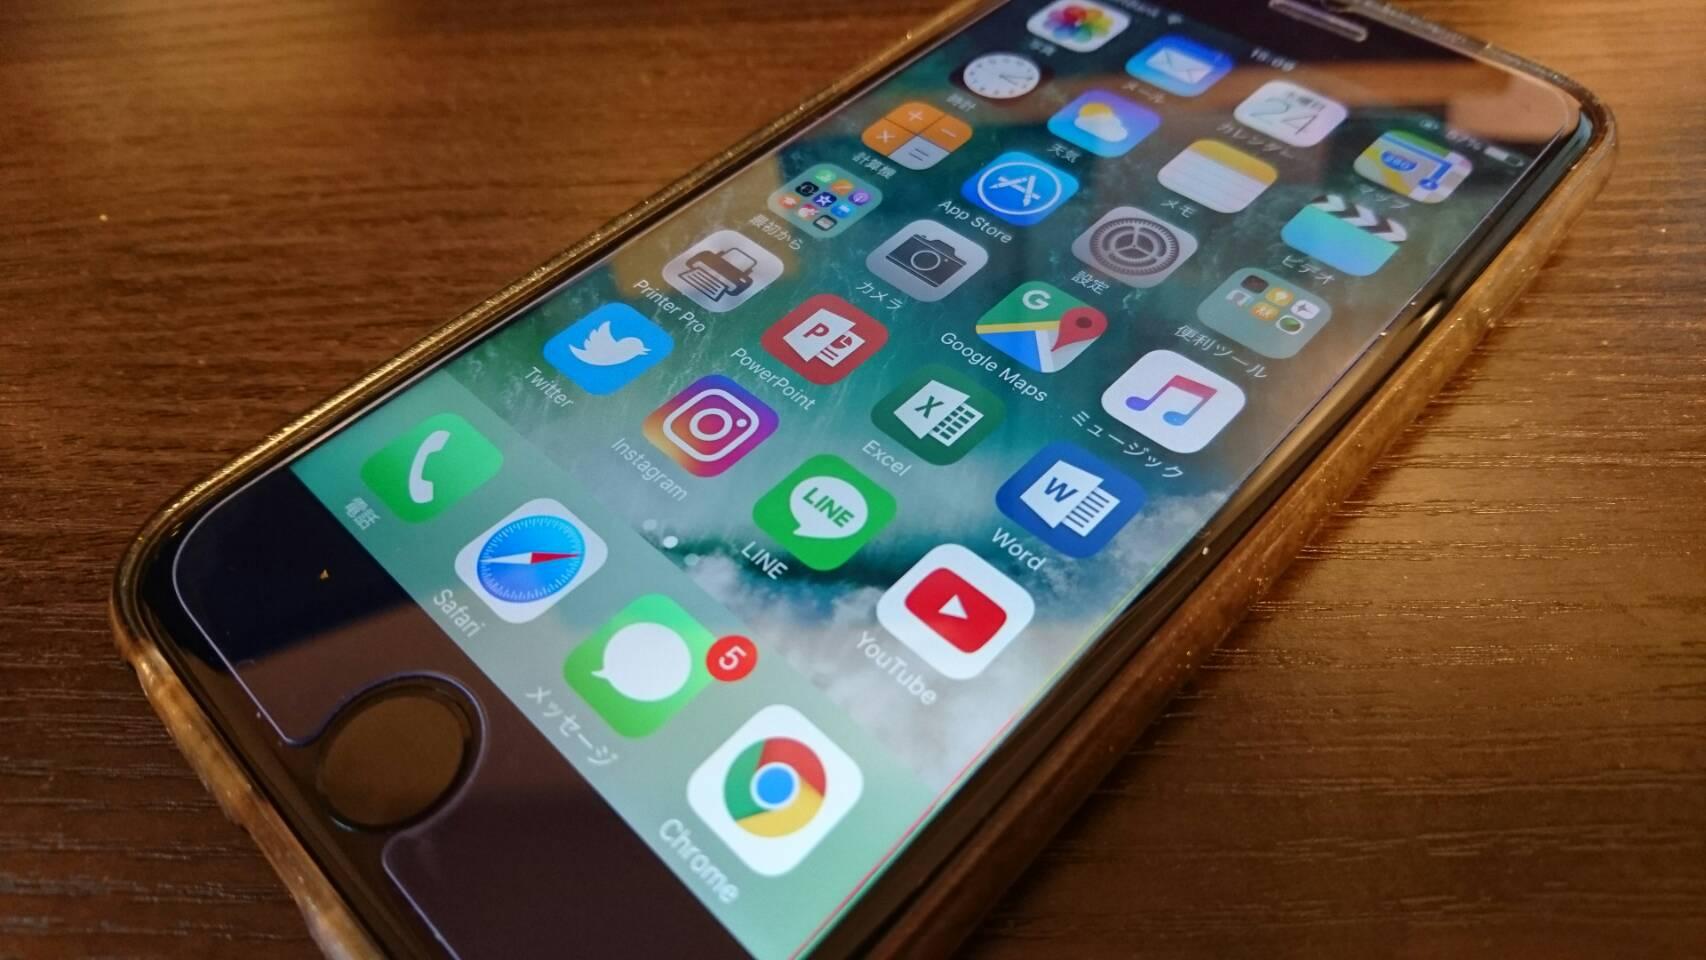 iphone等のapple製品に起こる「タッチ病」の有償修理対応開始